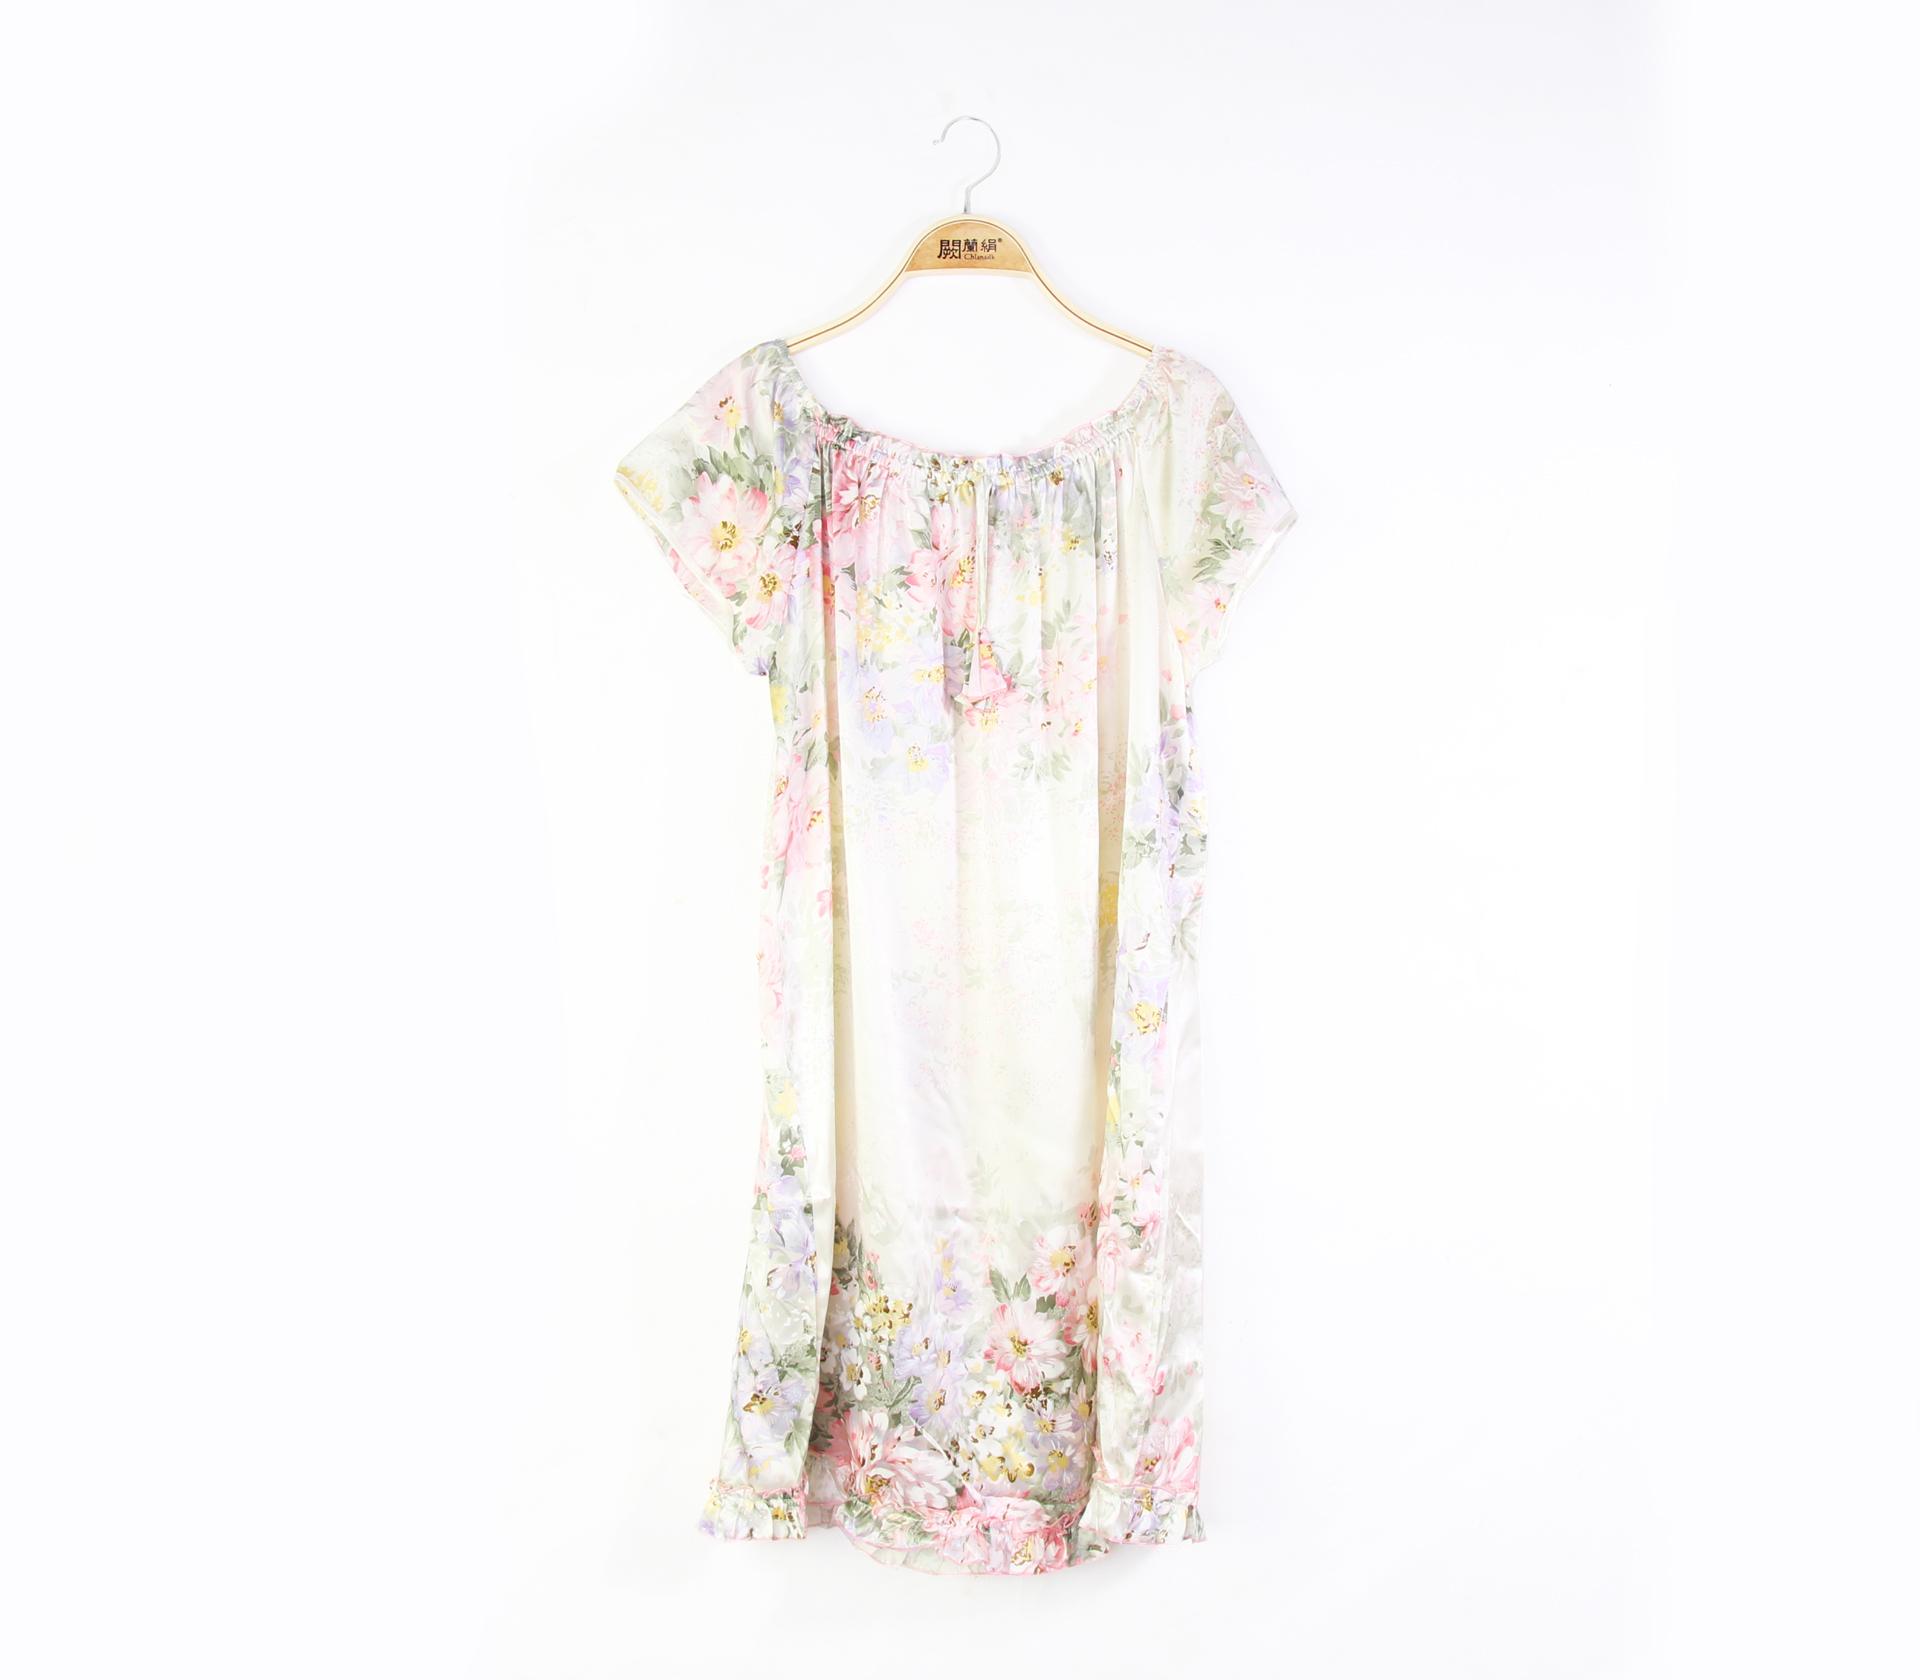 闕蘭絹繽紛花朵親膚透氣100%蠶絲連身睡衣